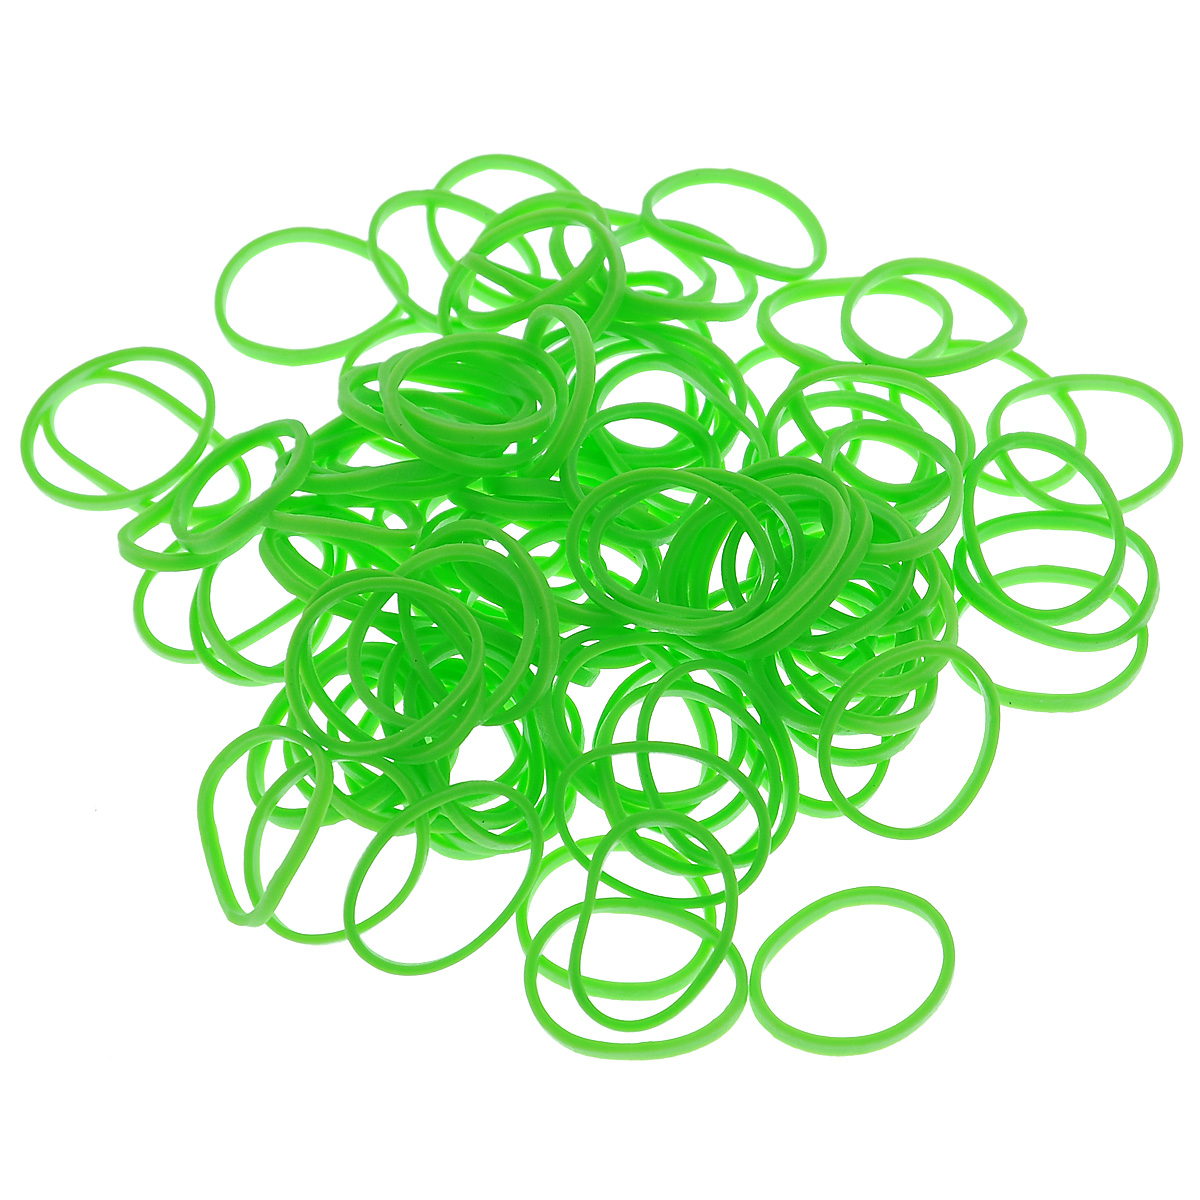 Купить Набор из резинок Rubber Band одноцветные (600 шт.), К-103-12, Зеленый,